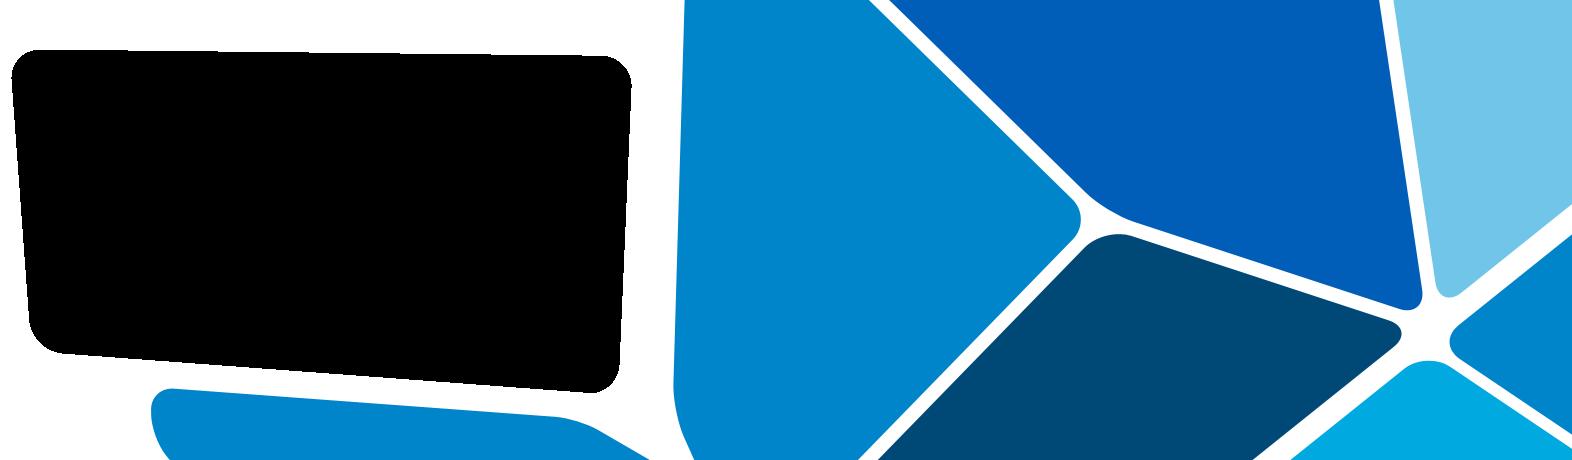 Decorative Line Blue PNG - 1104